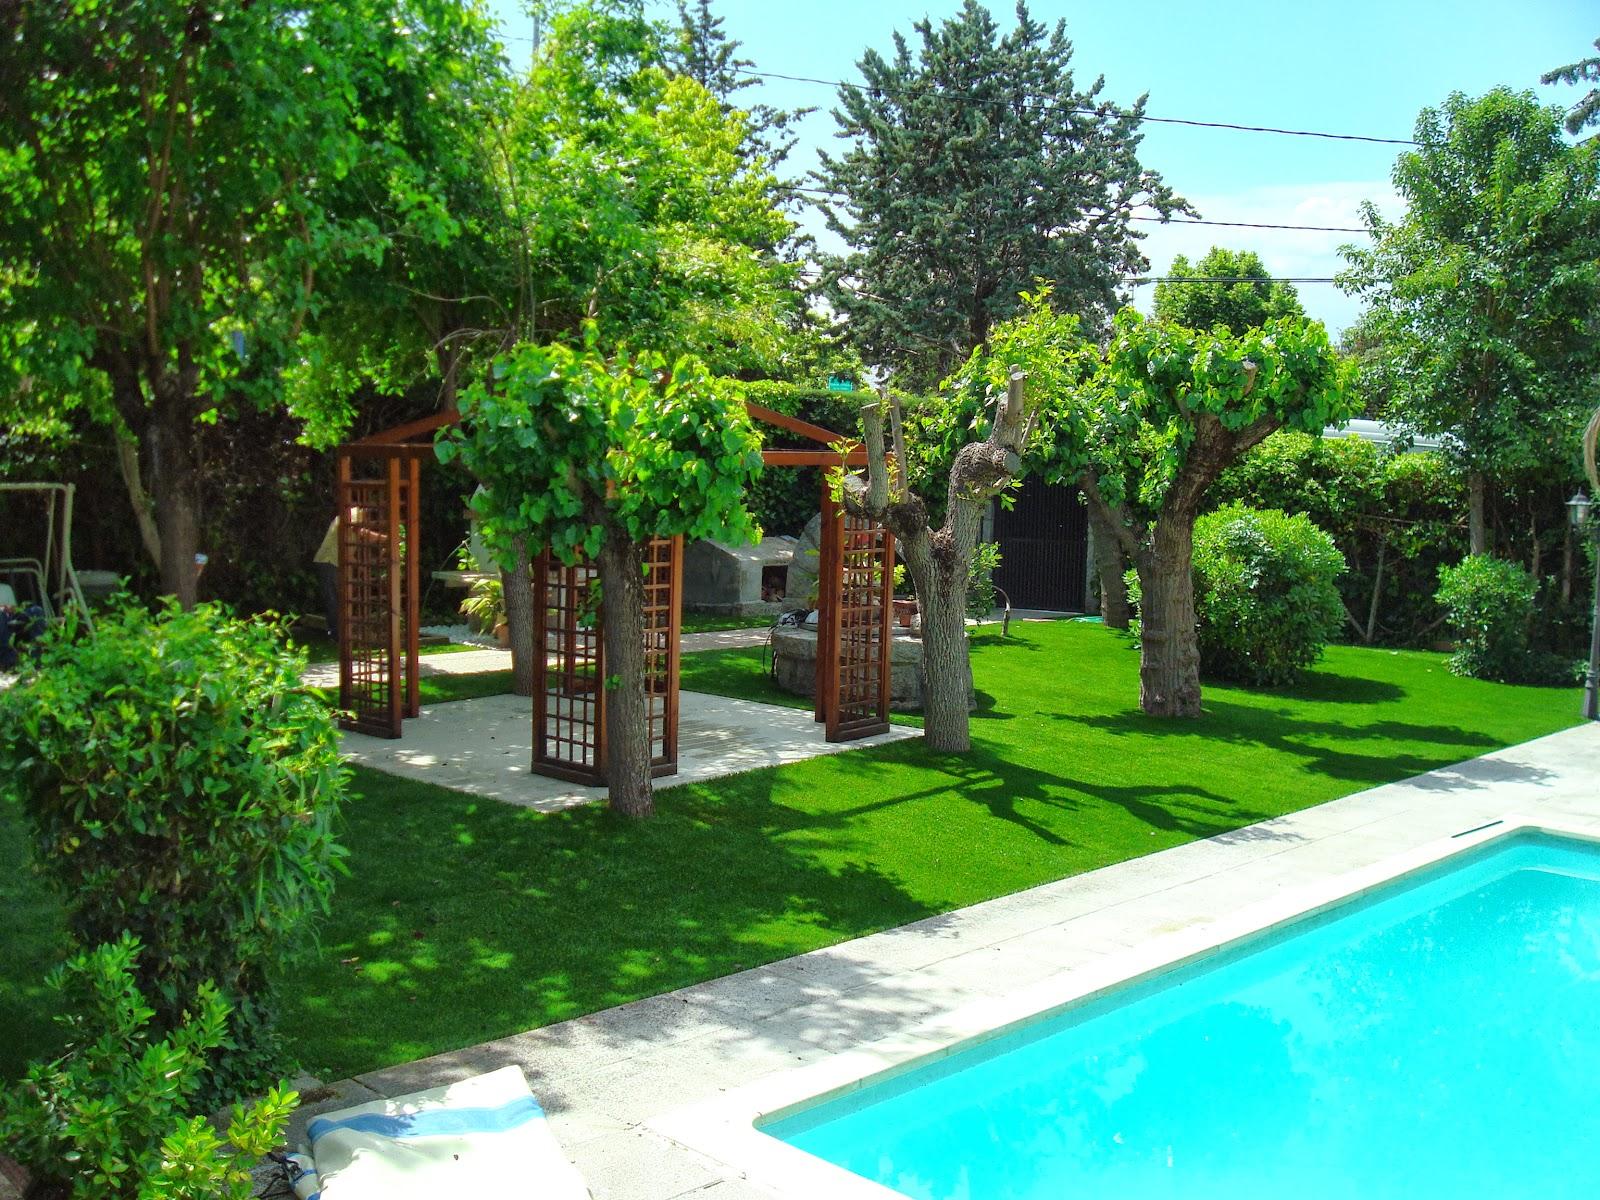 césped artificial jardineria